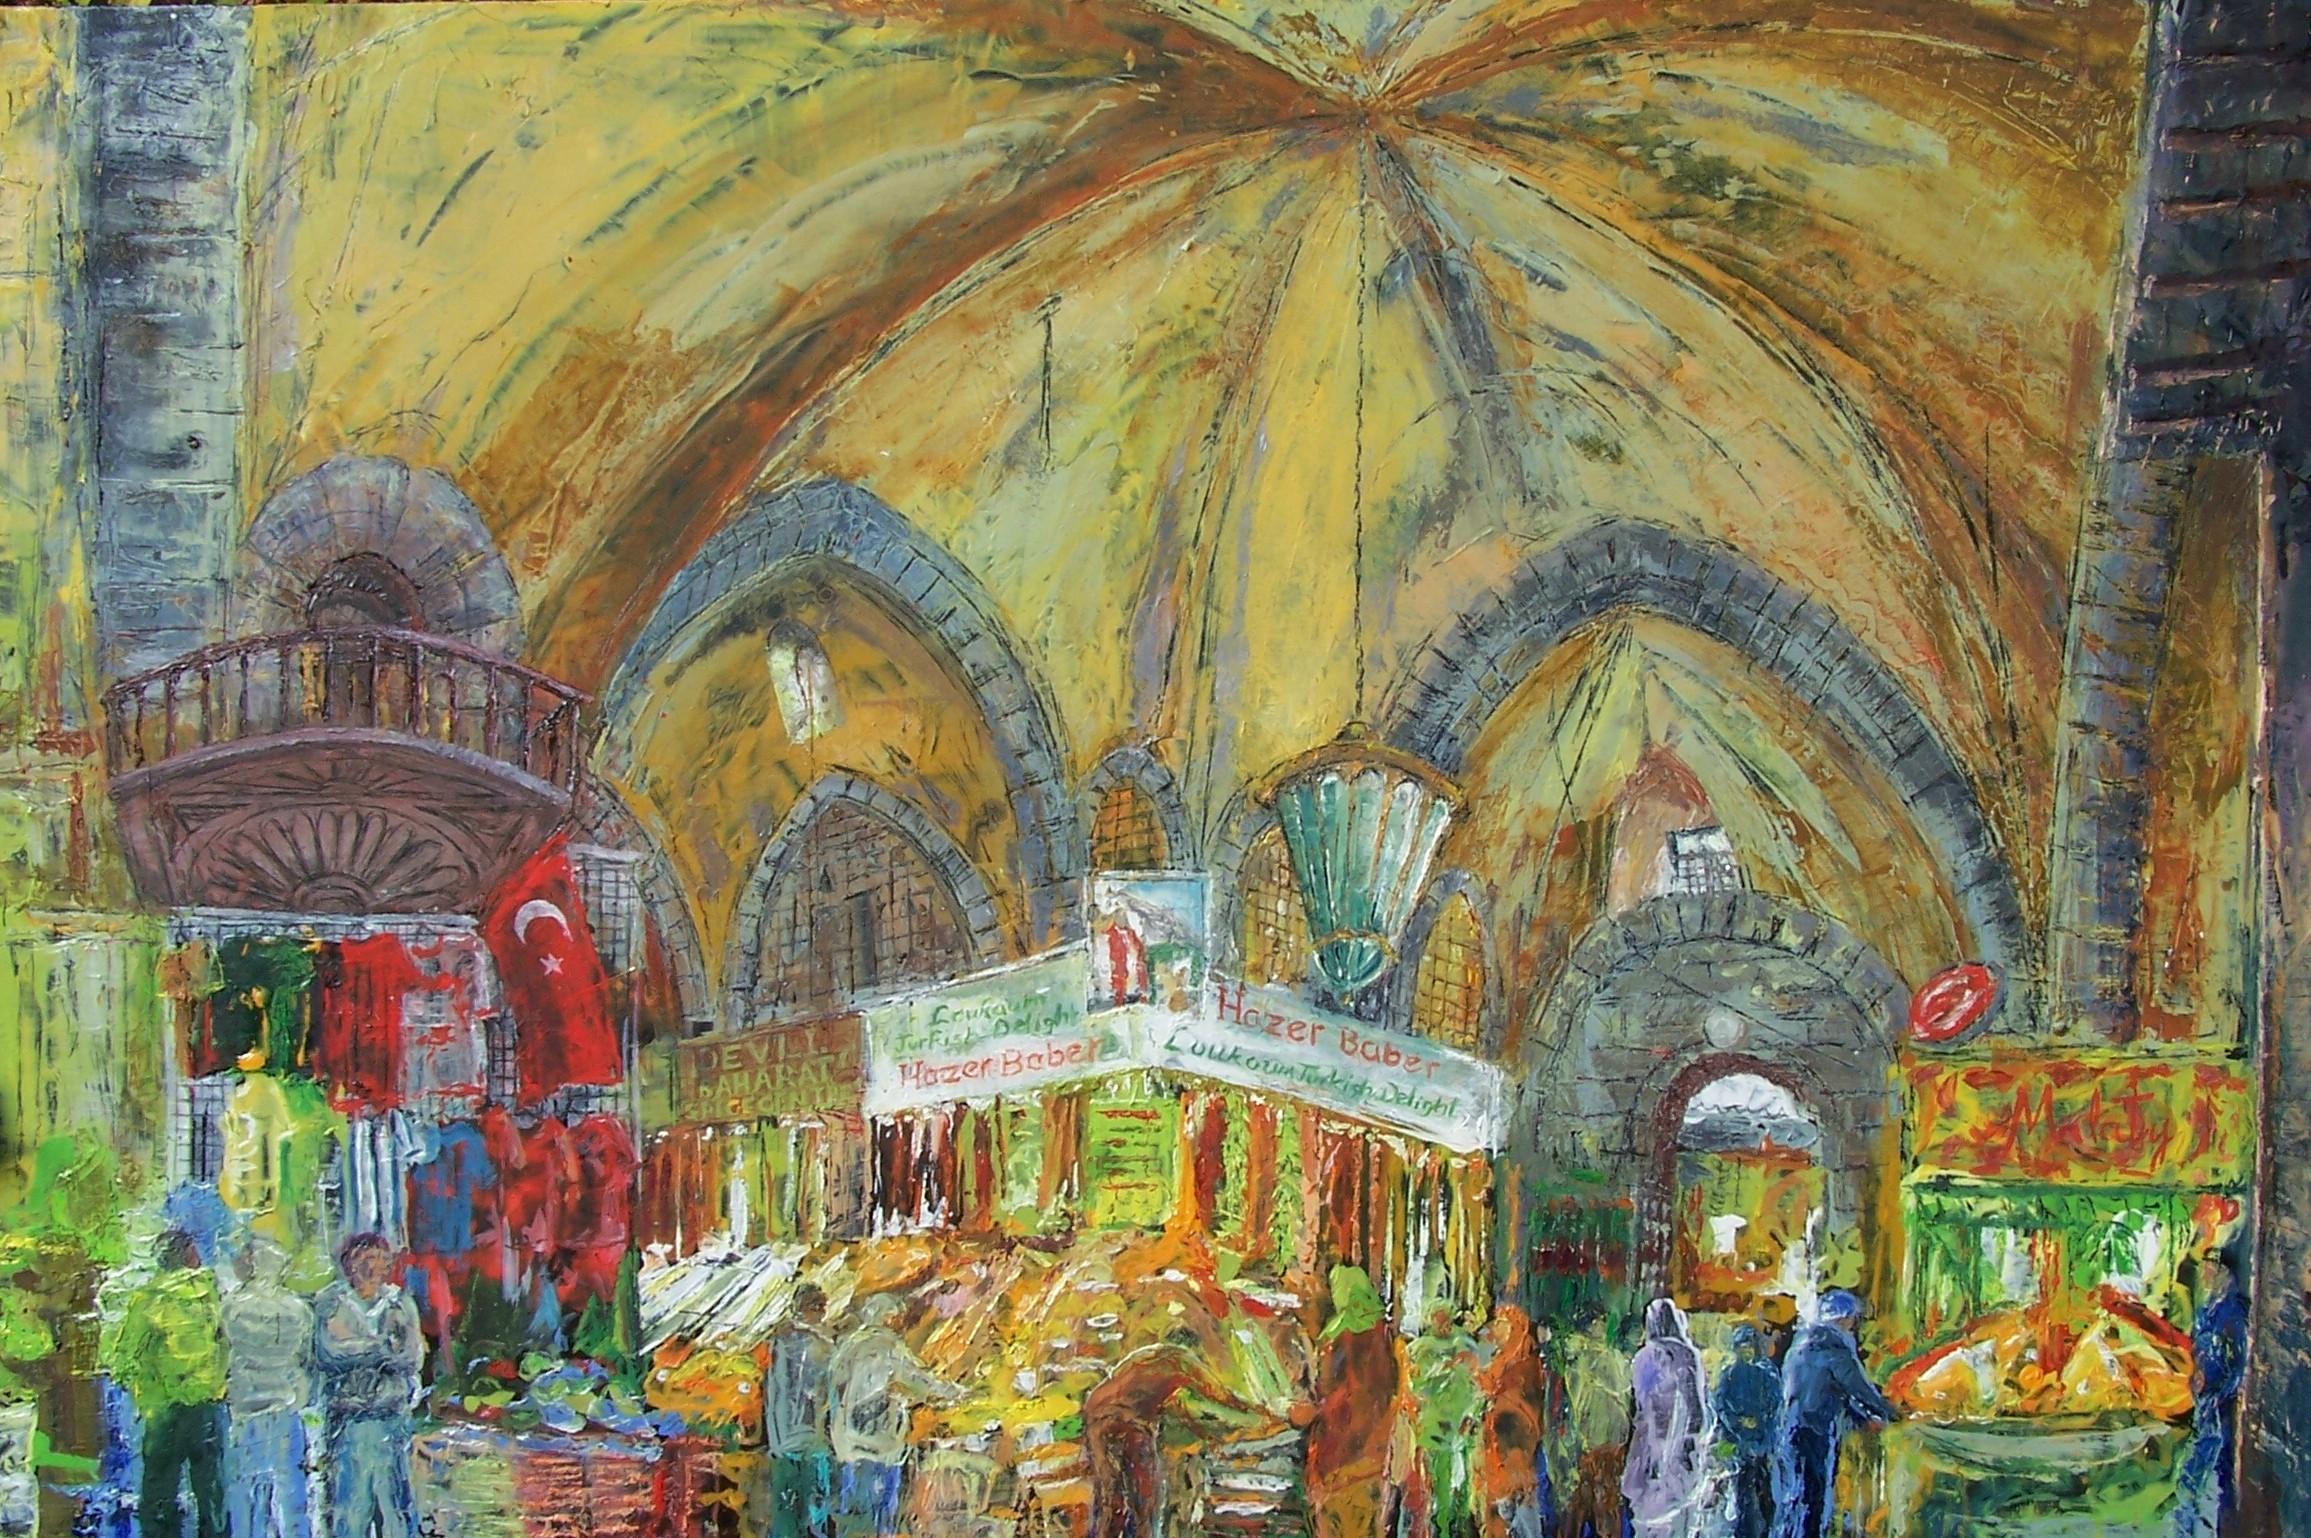 Spice Bazaar, Istanbul, oil on canvas